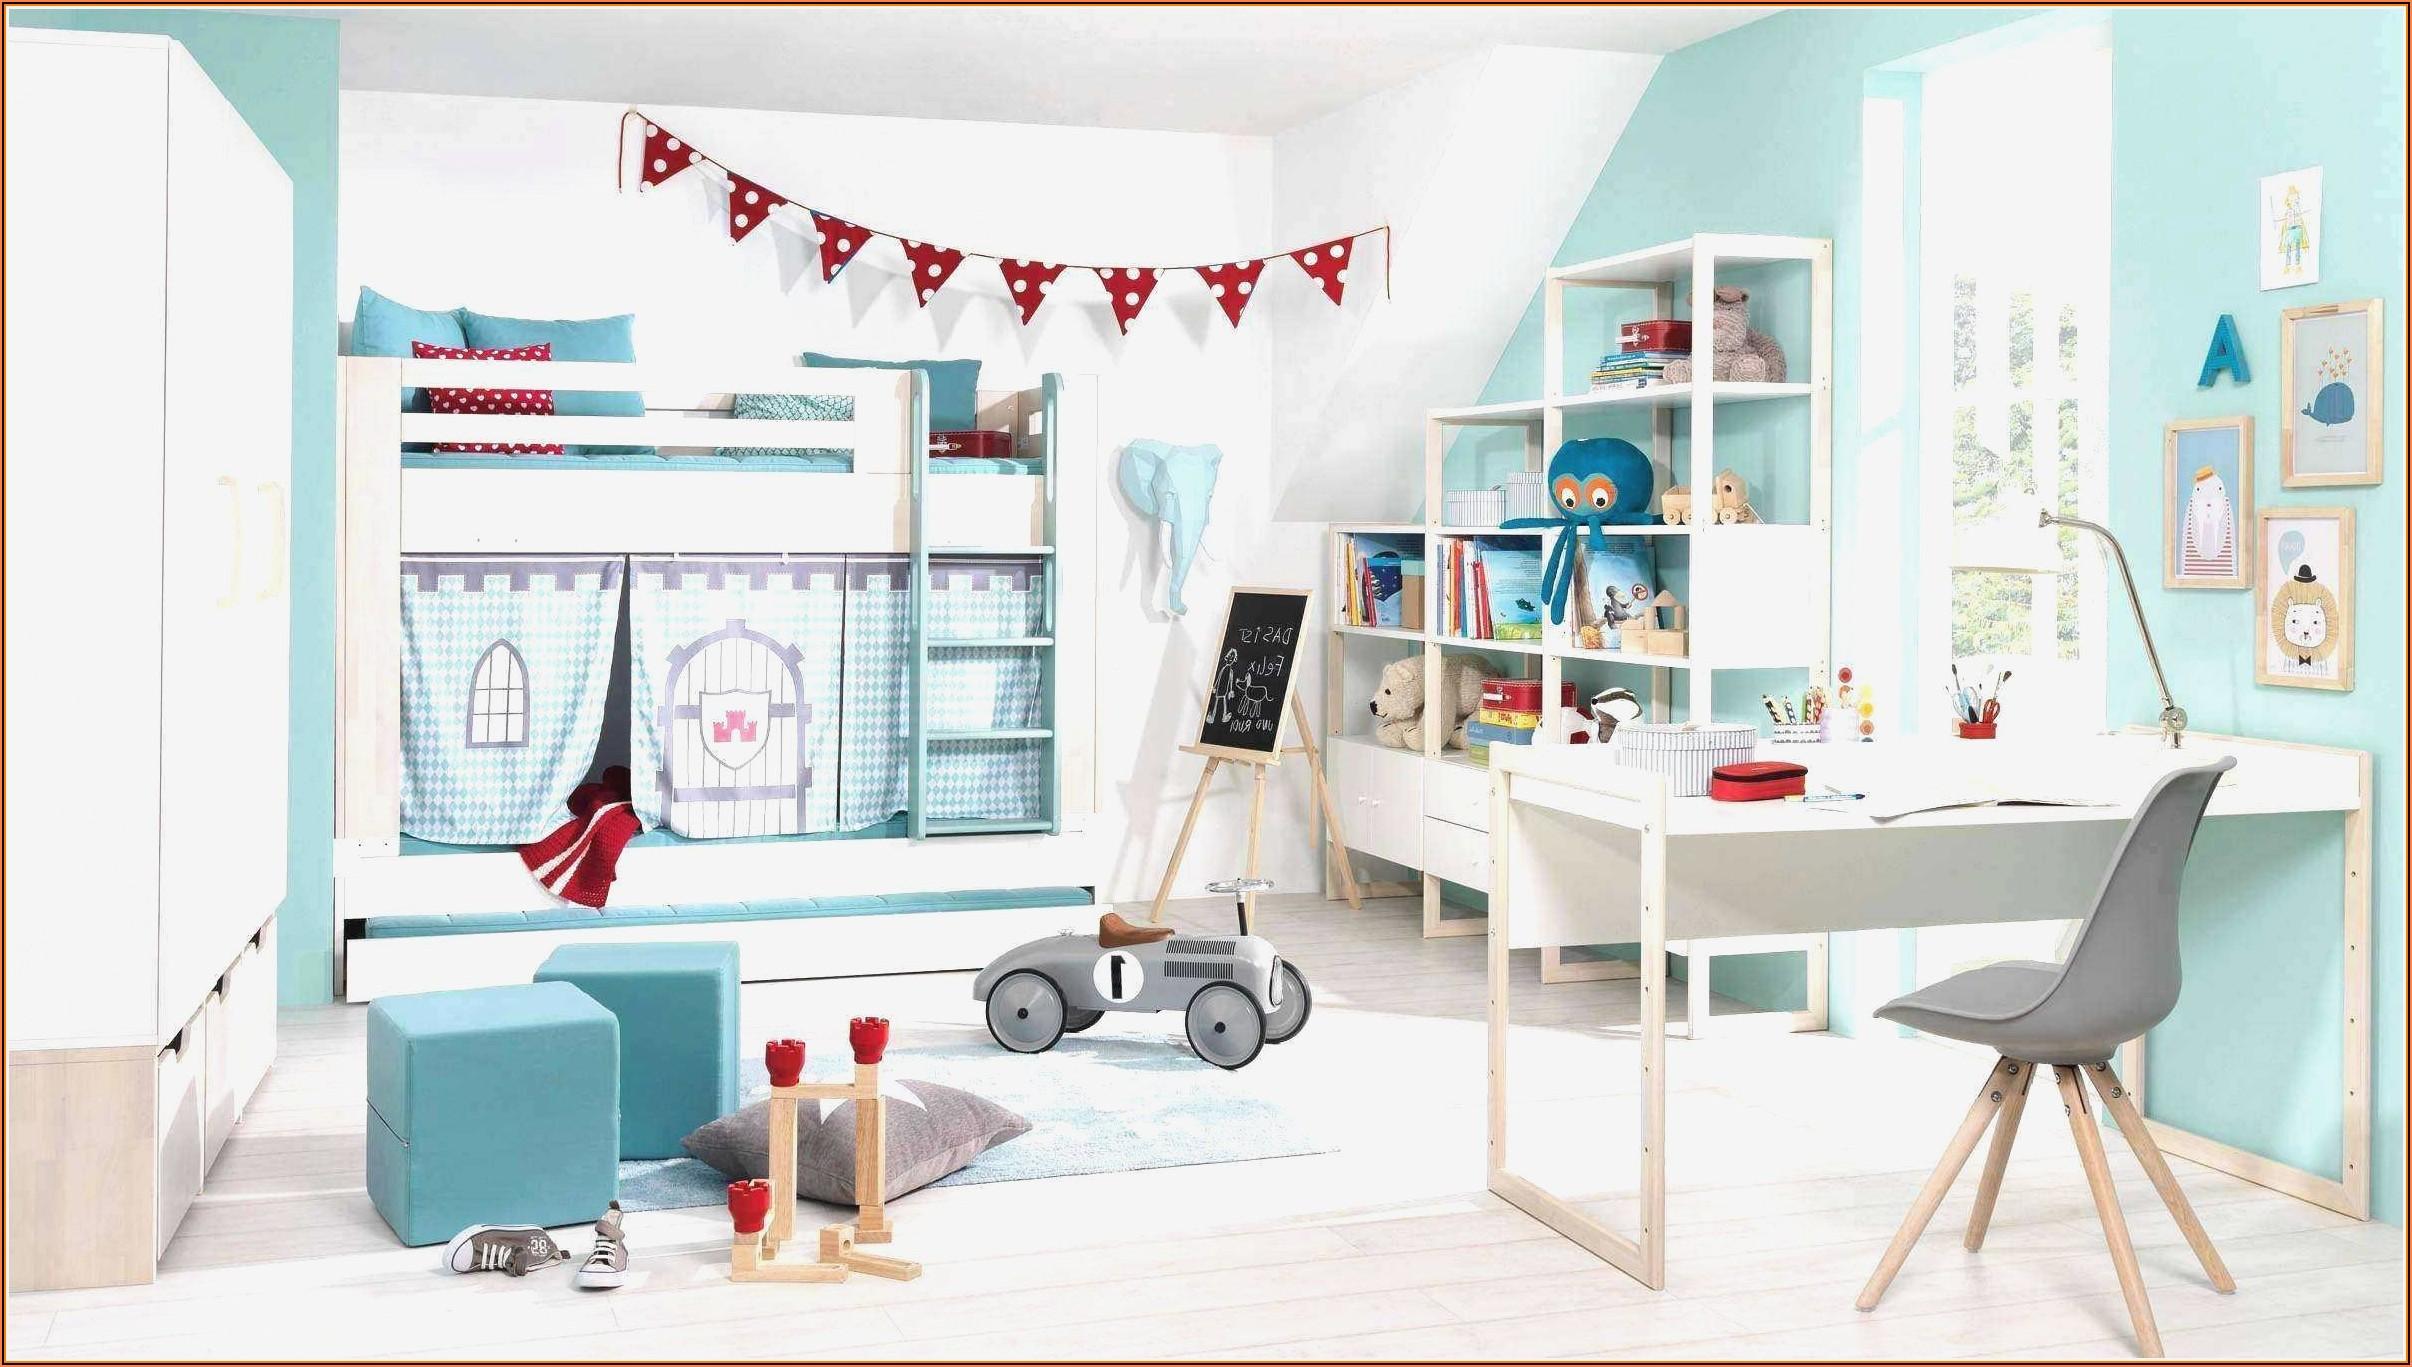 Junge Und Mädchen In Einem Kinderzimmer